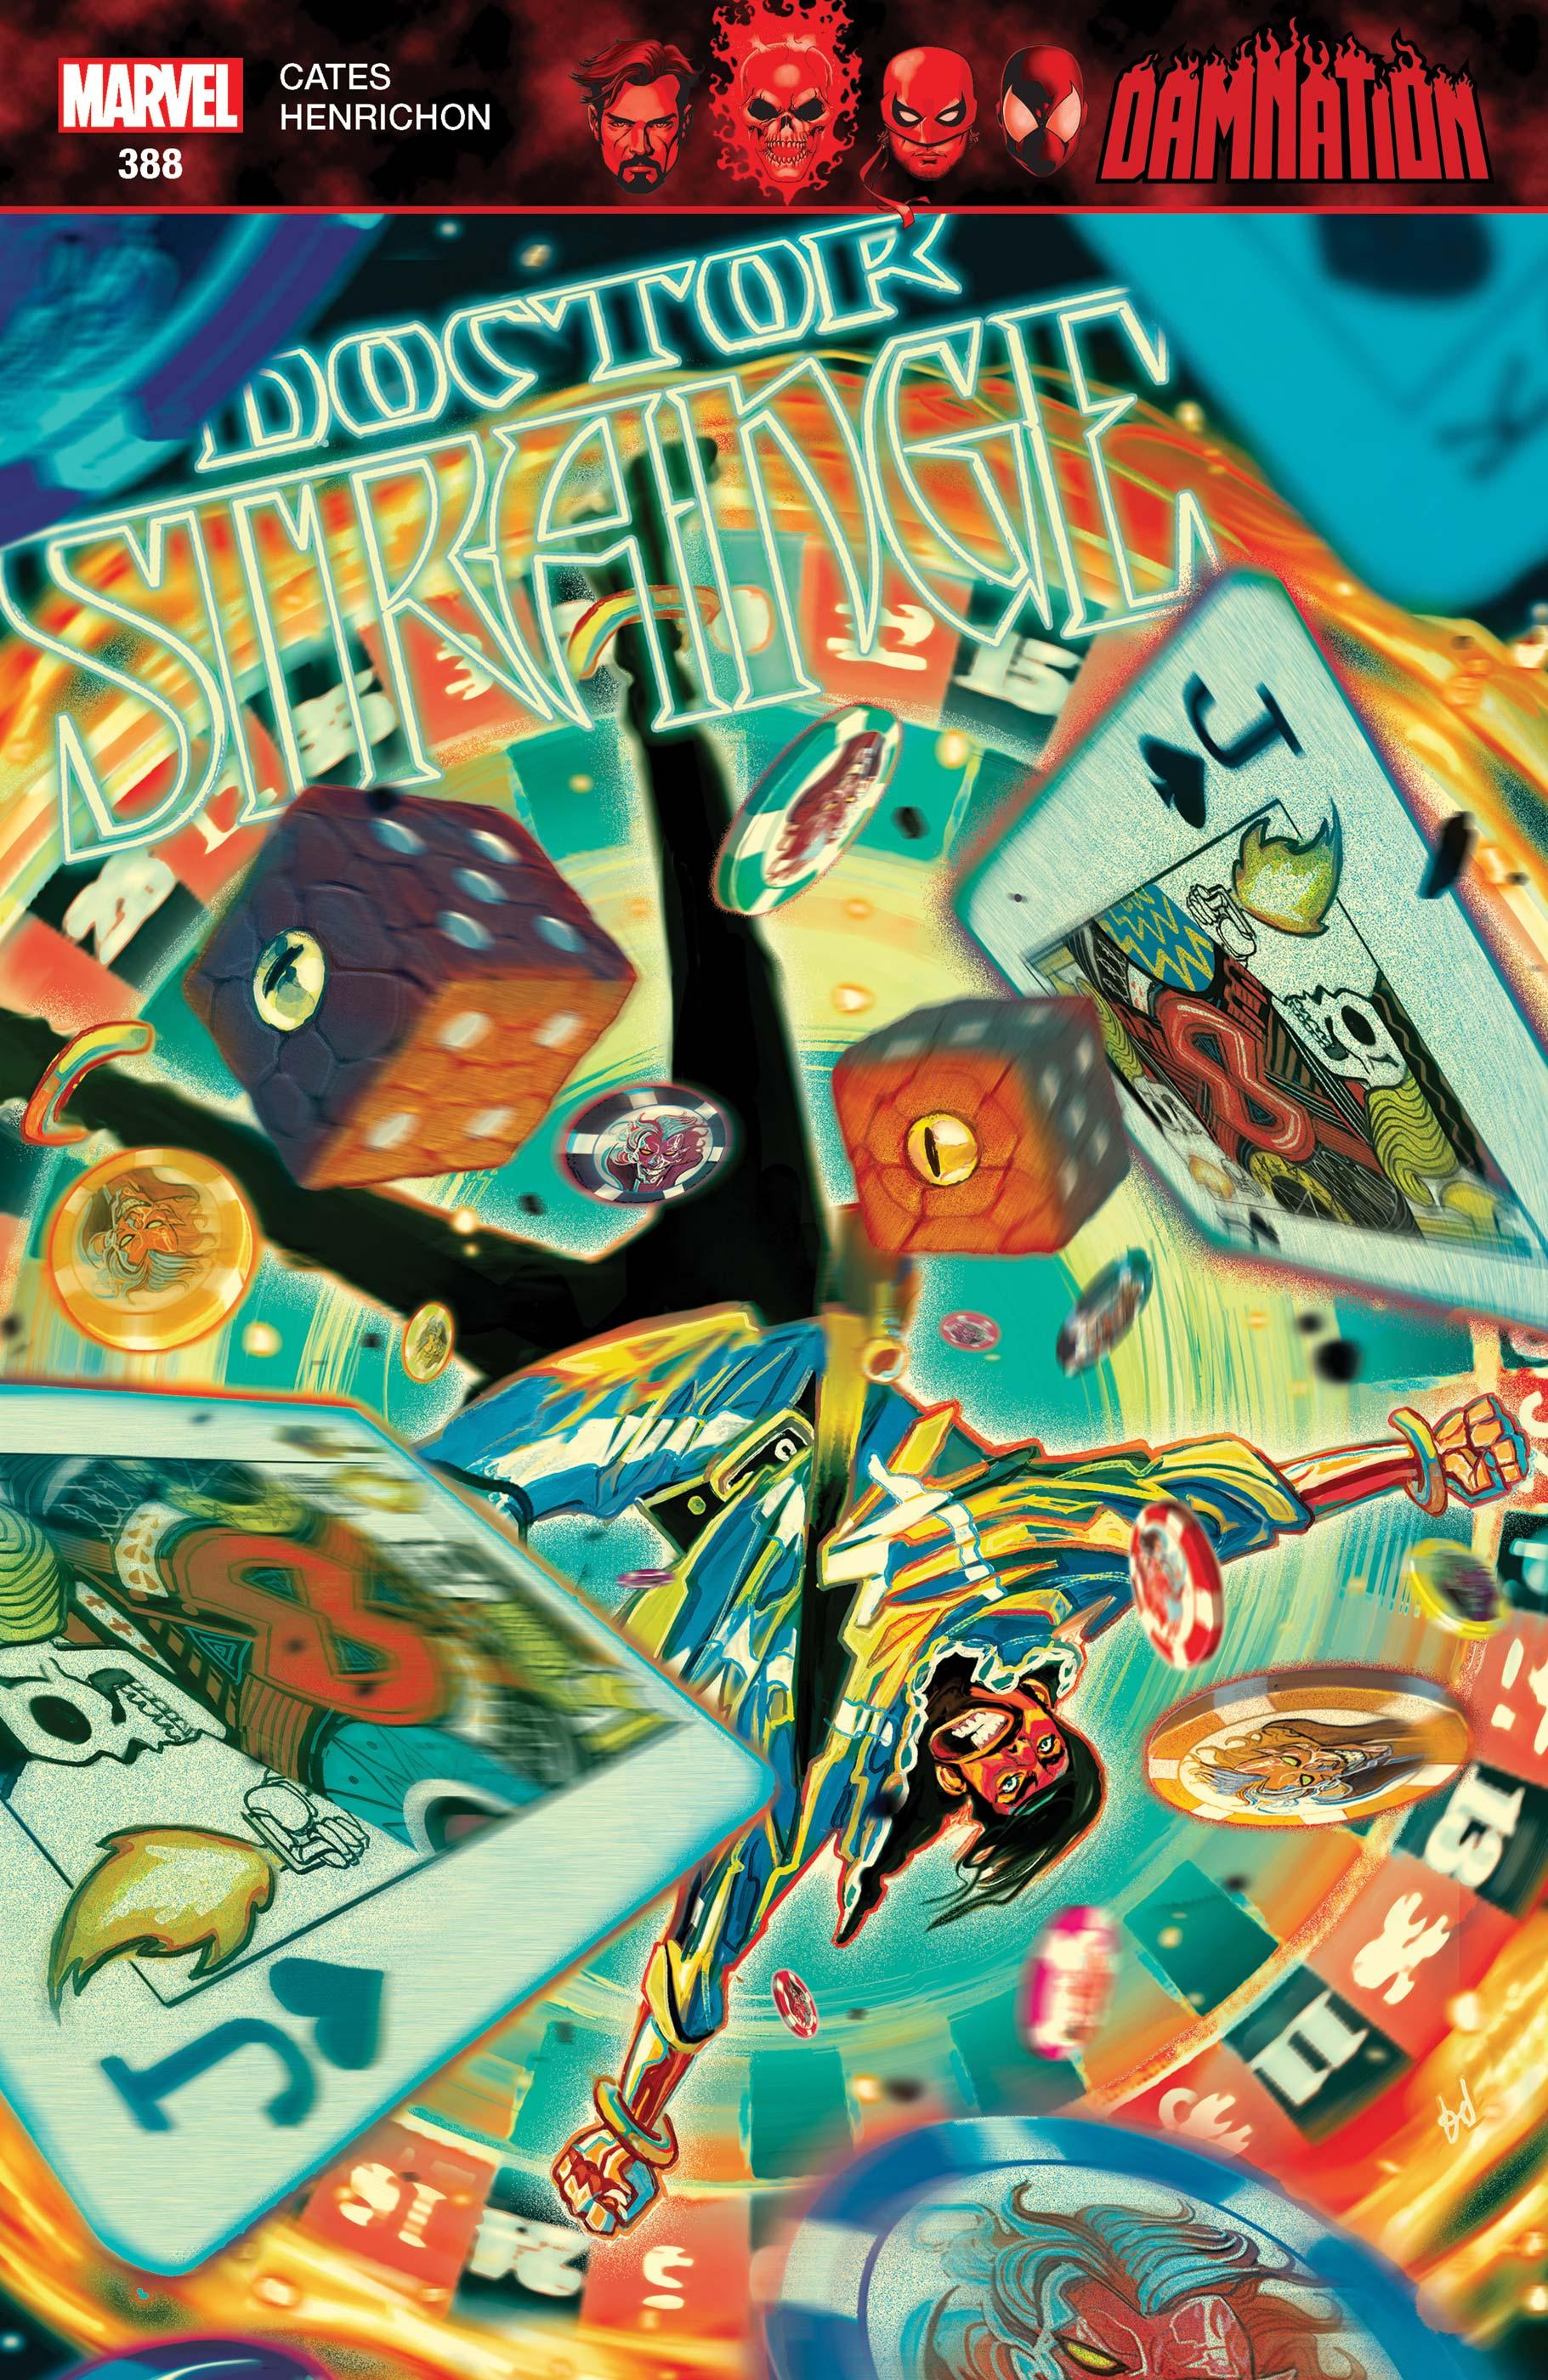 Doctor Strange (2015) #388